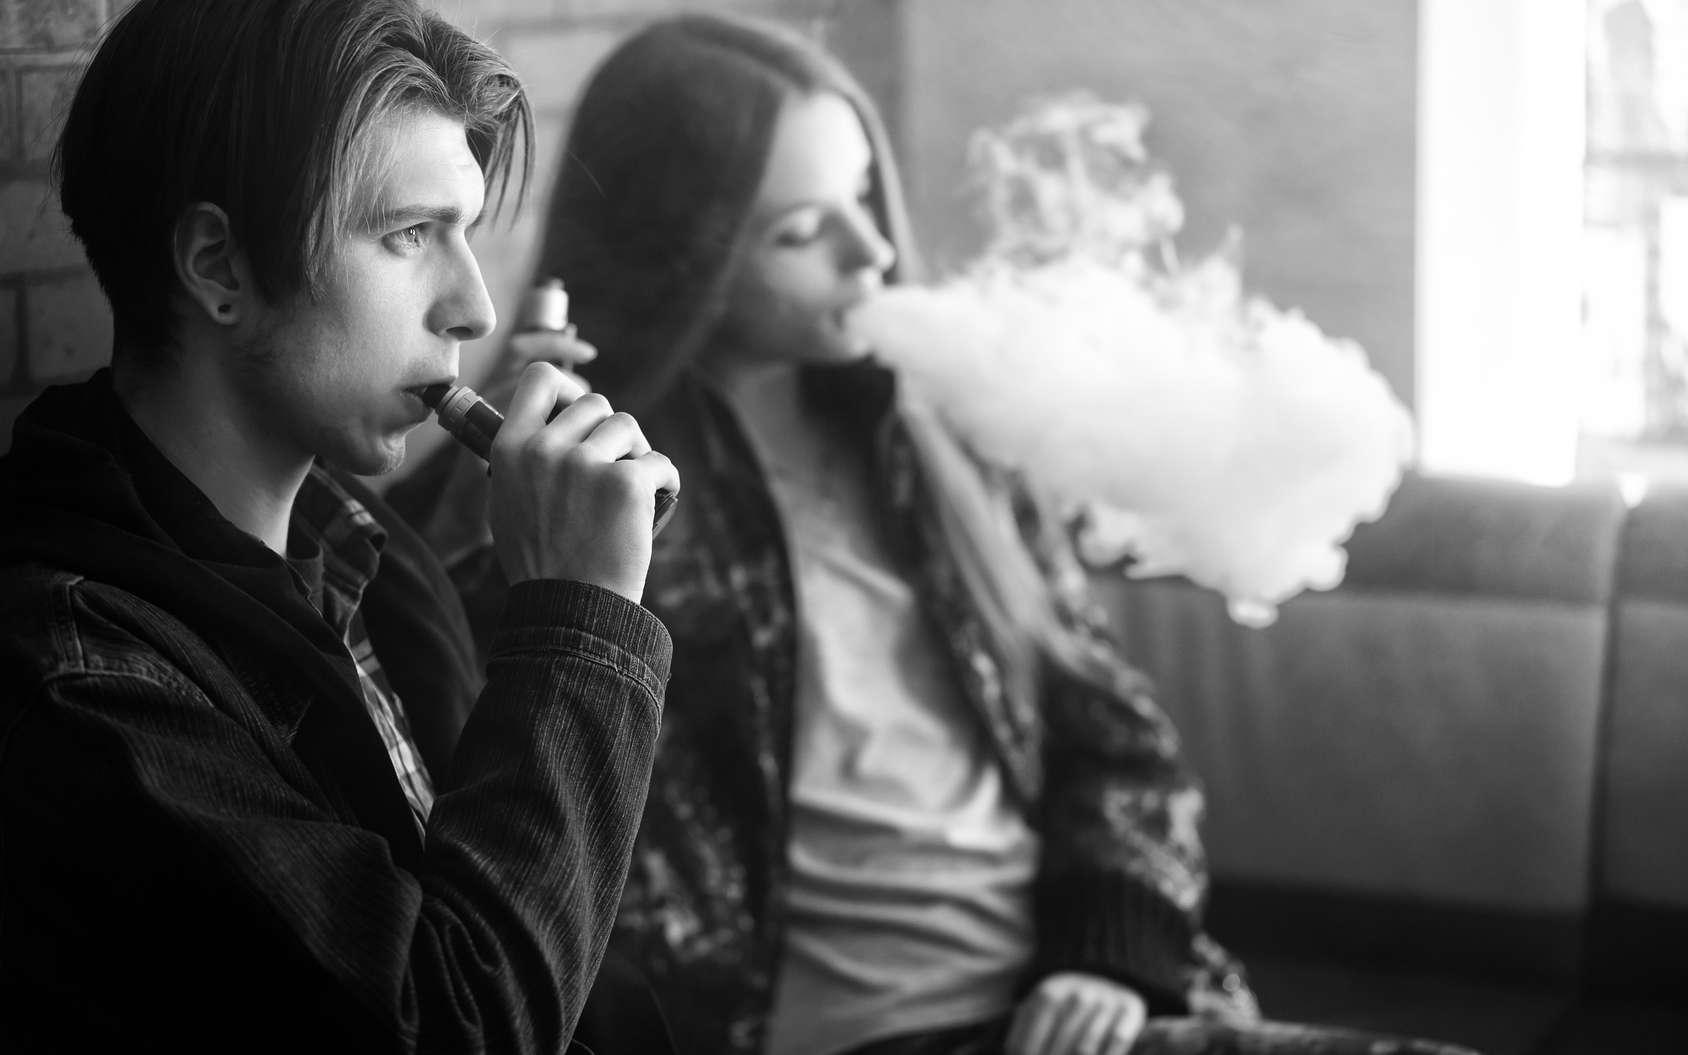 Un lien entre le vapotage et les maladies pulmonaires sévères semble établi. © aleksandr_yu, Fotolia